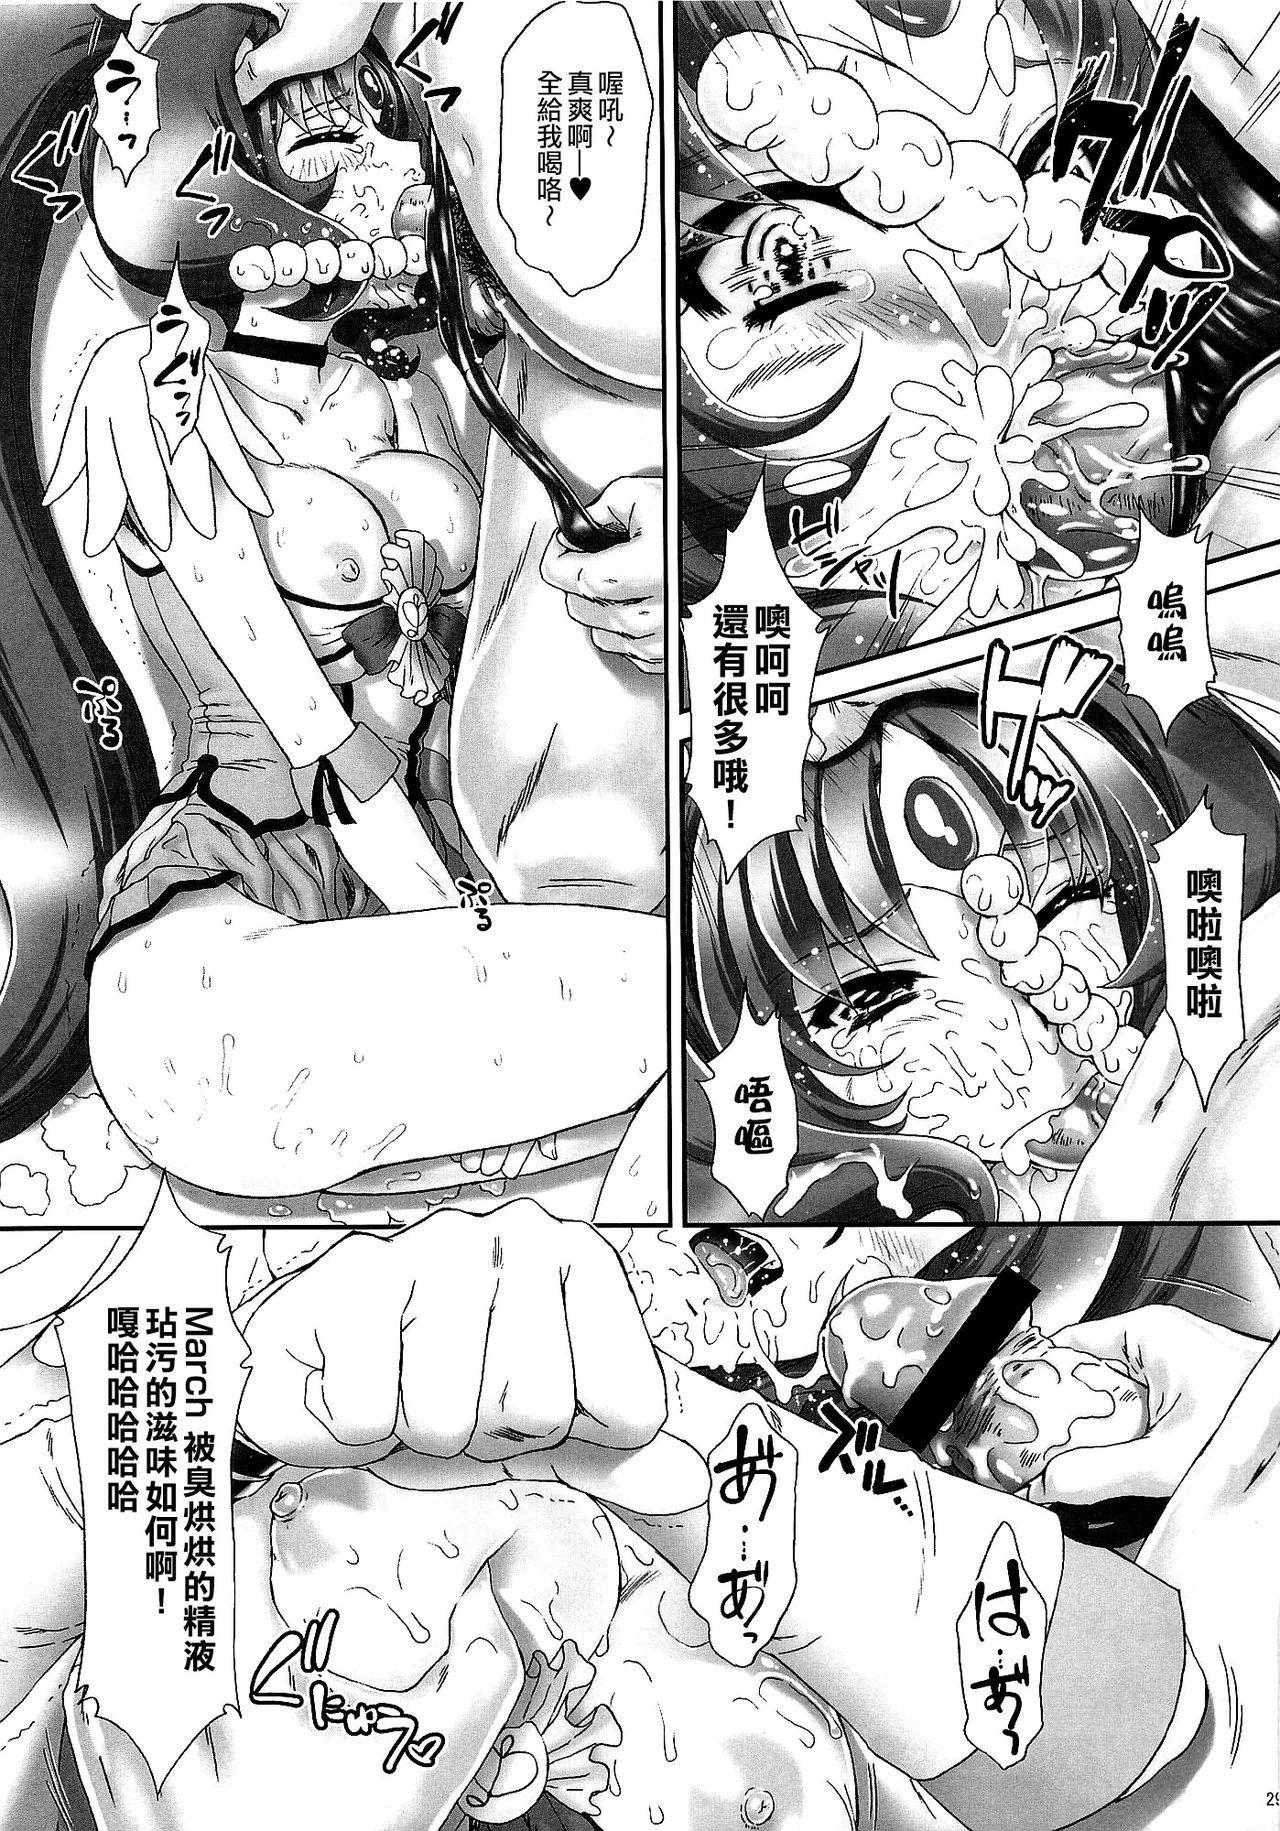 Nao-chan de Asobou 3 28